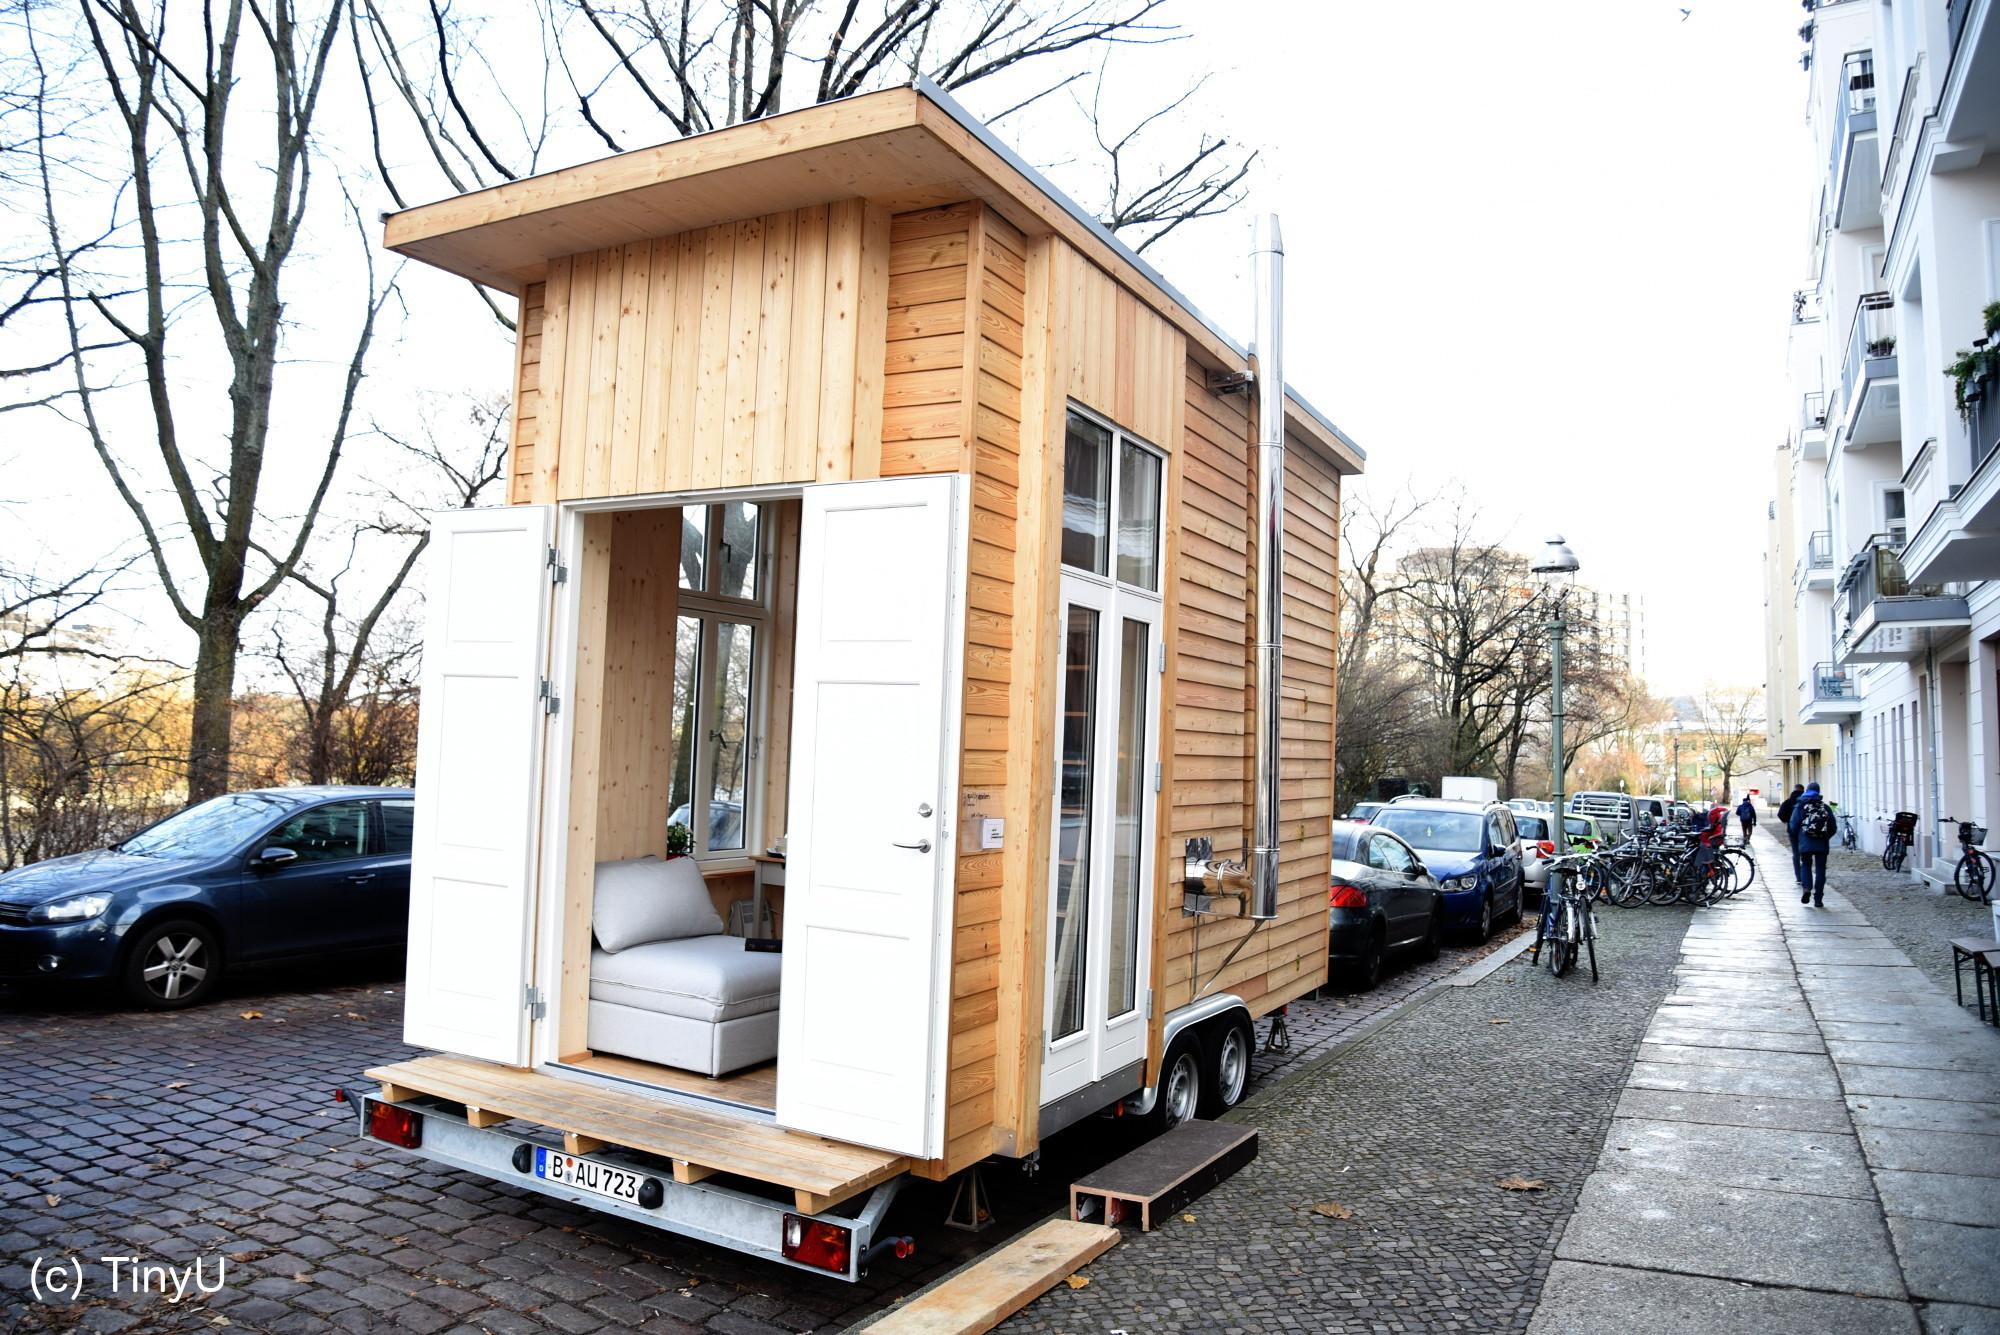 der traum vom eigenen zuhause 9 ideen mit denen wohnen endlich bezahlbar werden soll. Black Bedroom Furniture Sets. Home Design Ideas